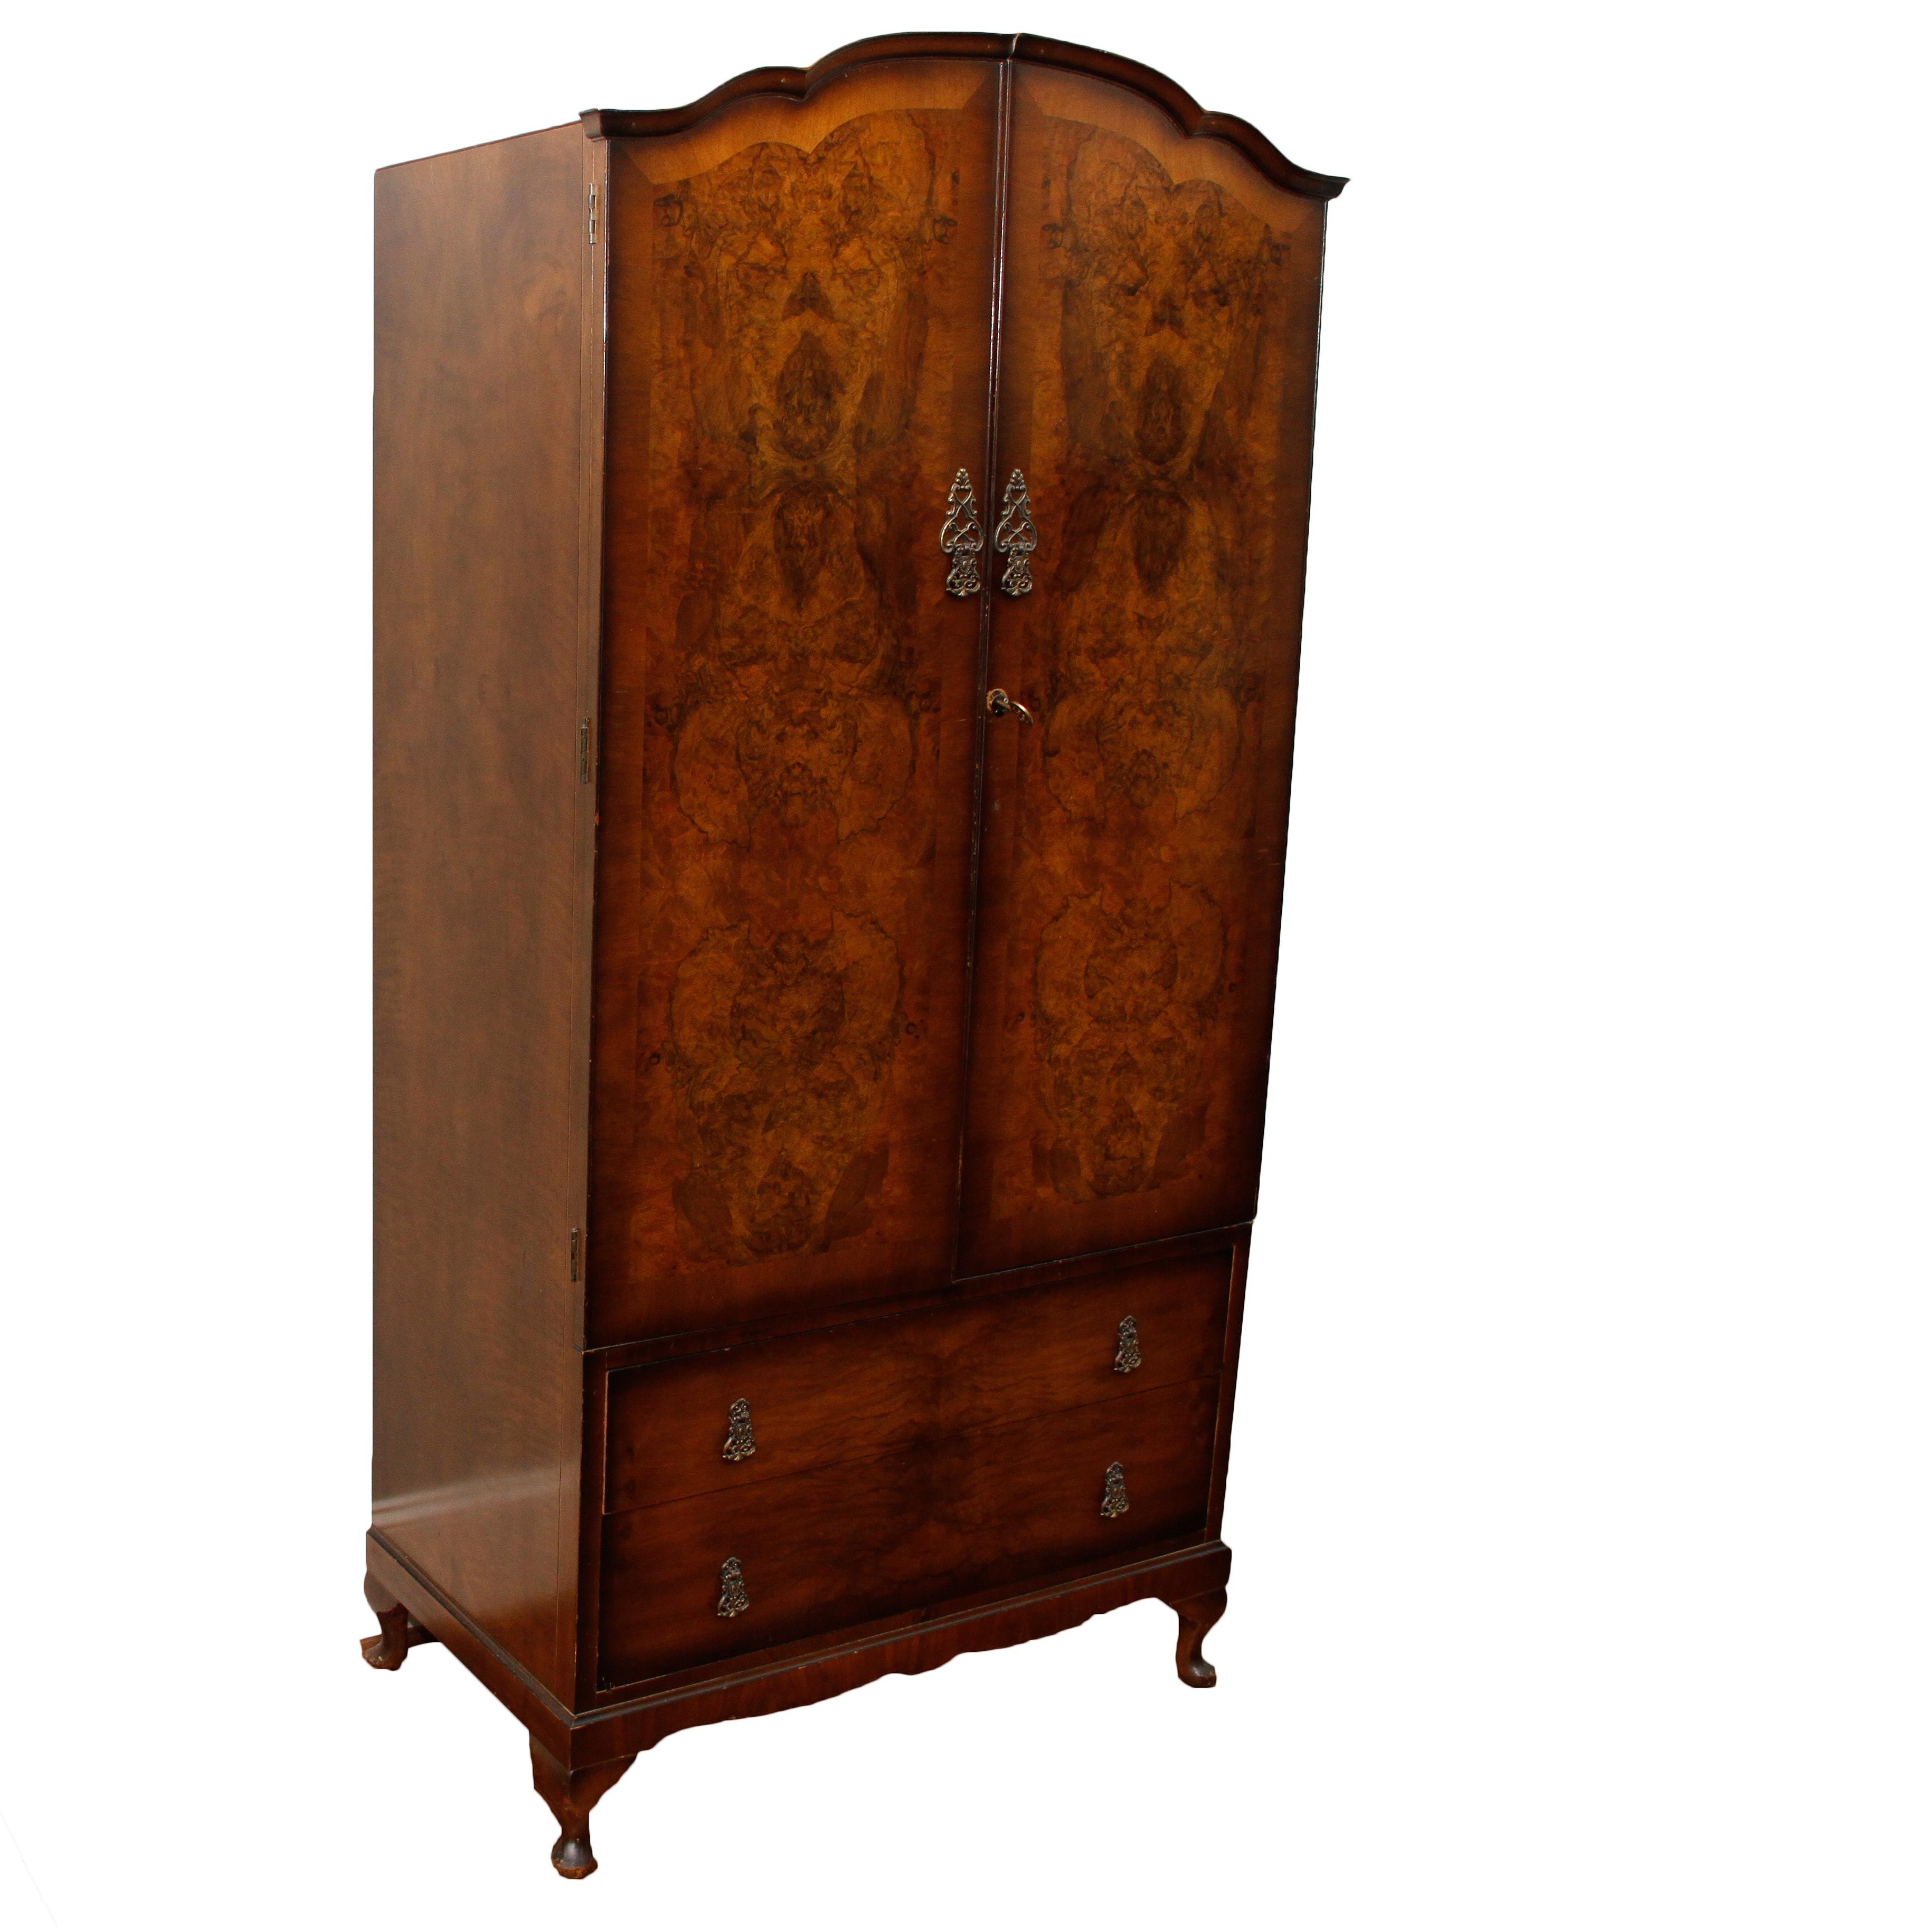 Gentil Vintage Golden Key Burled Wood Armoire ...